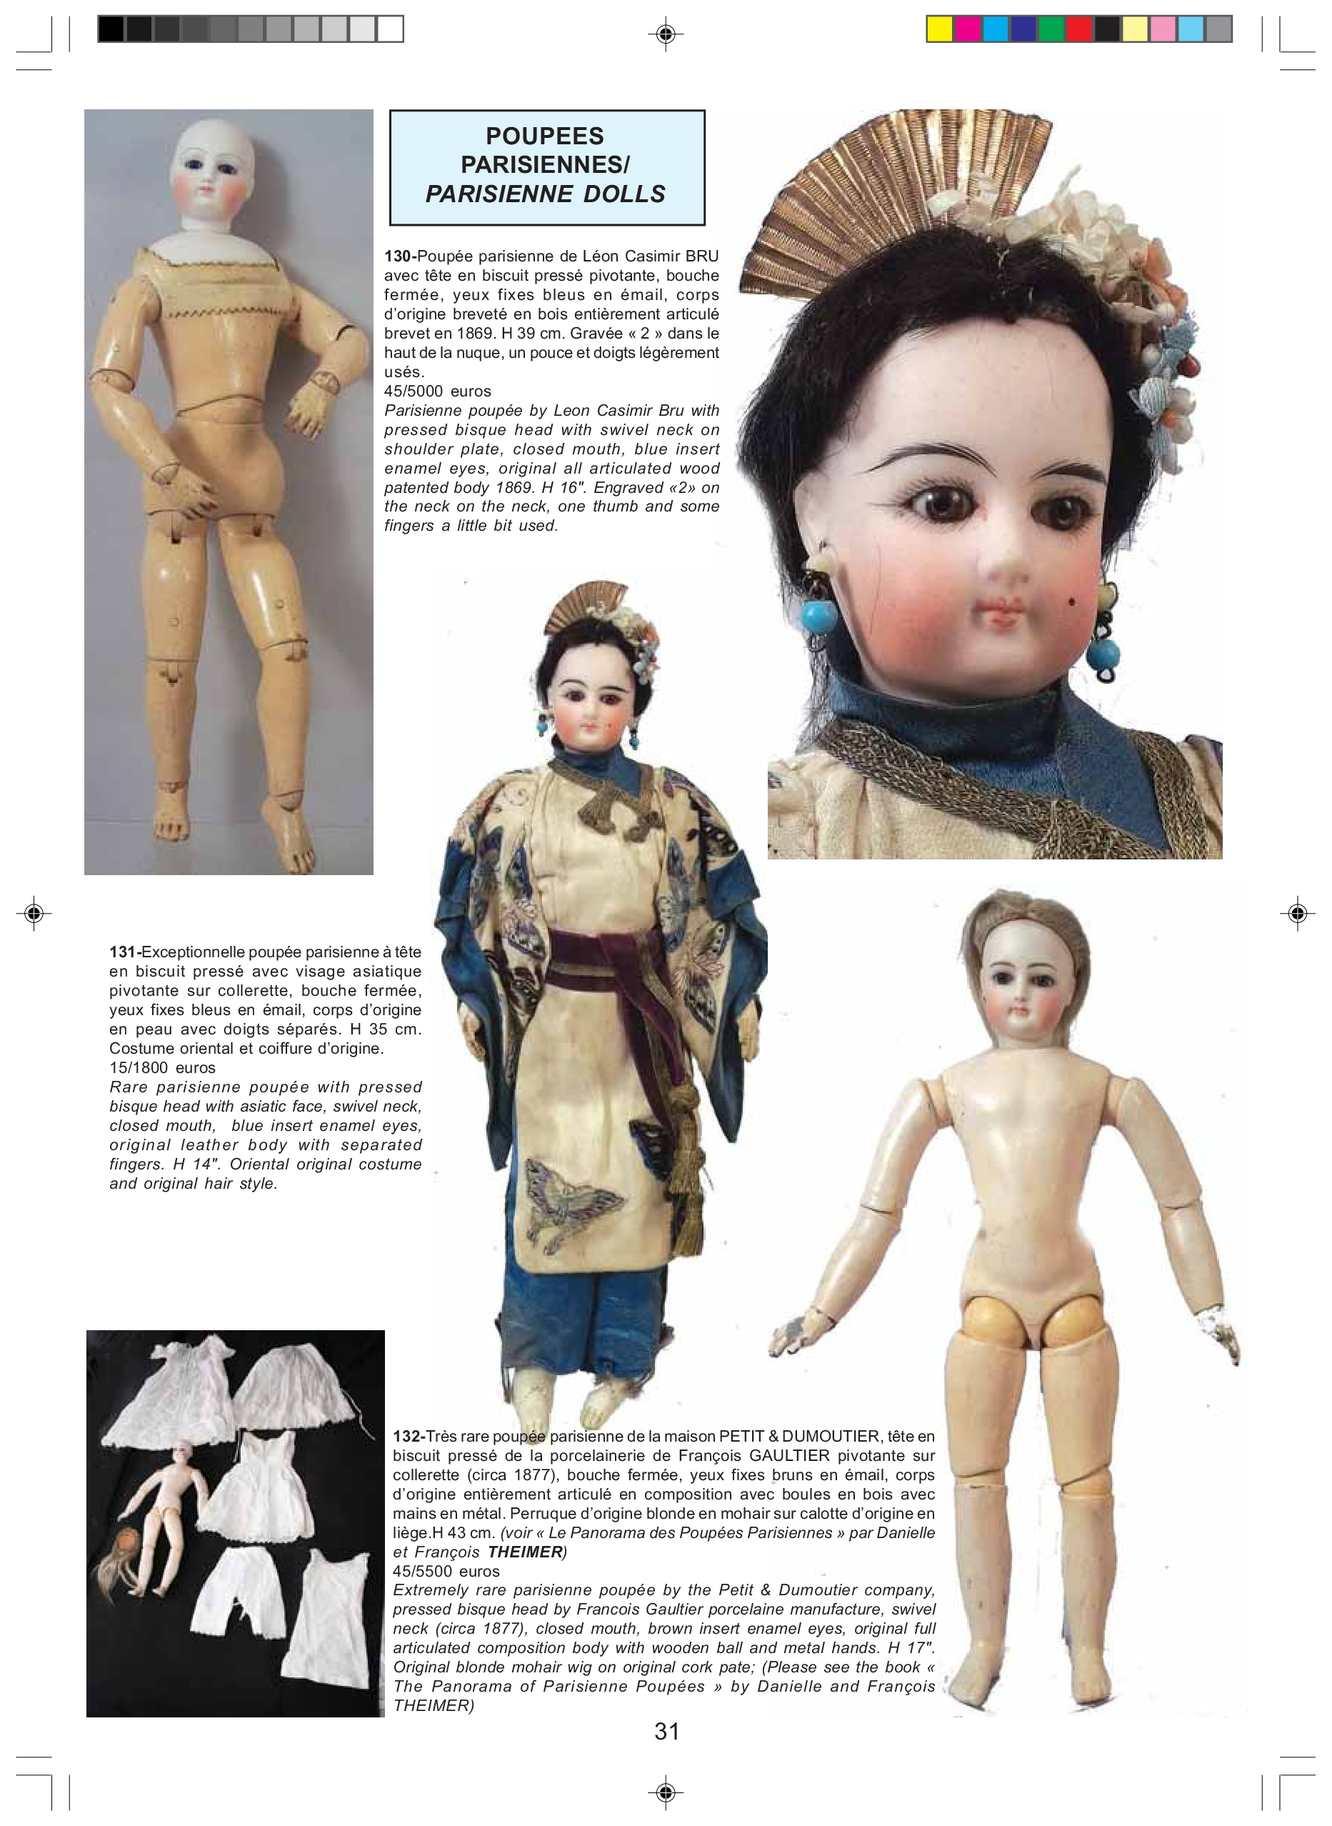 tissu peau pour corps de poupée